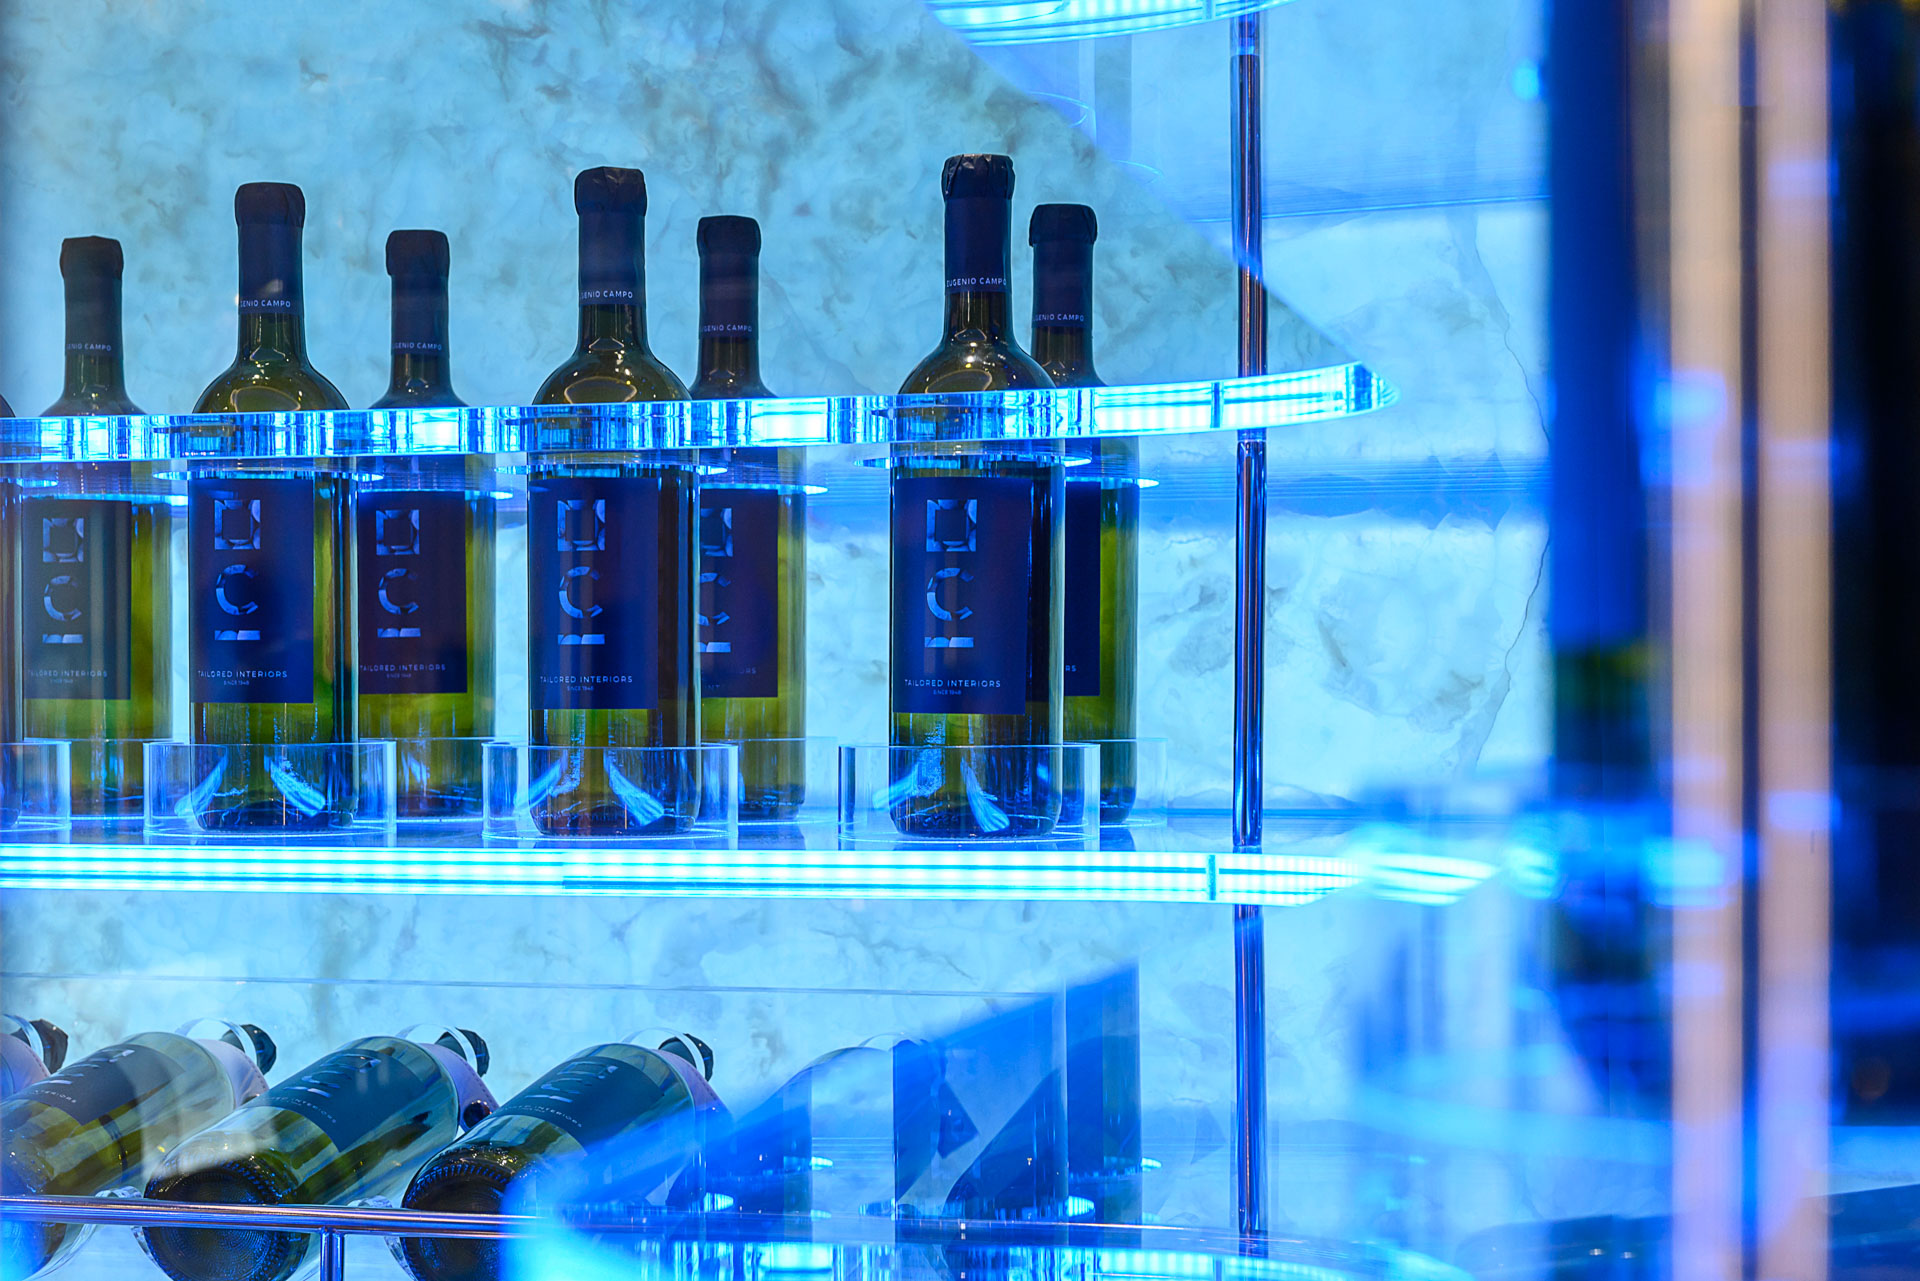 wine cellars cantine vini